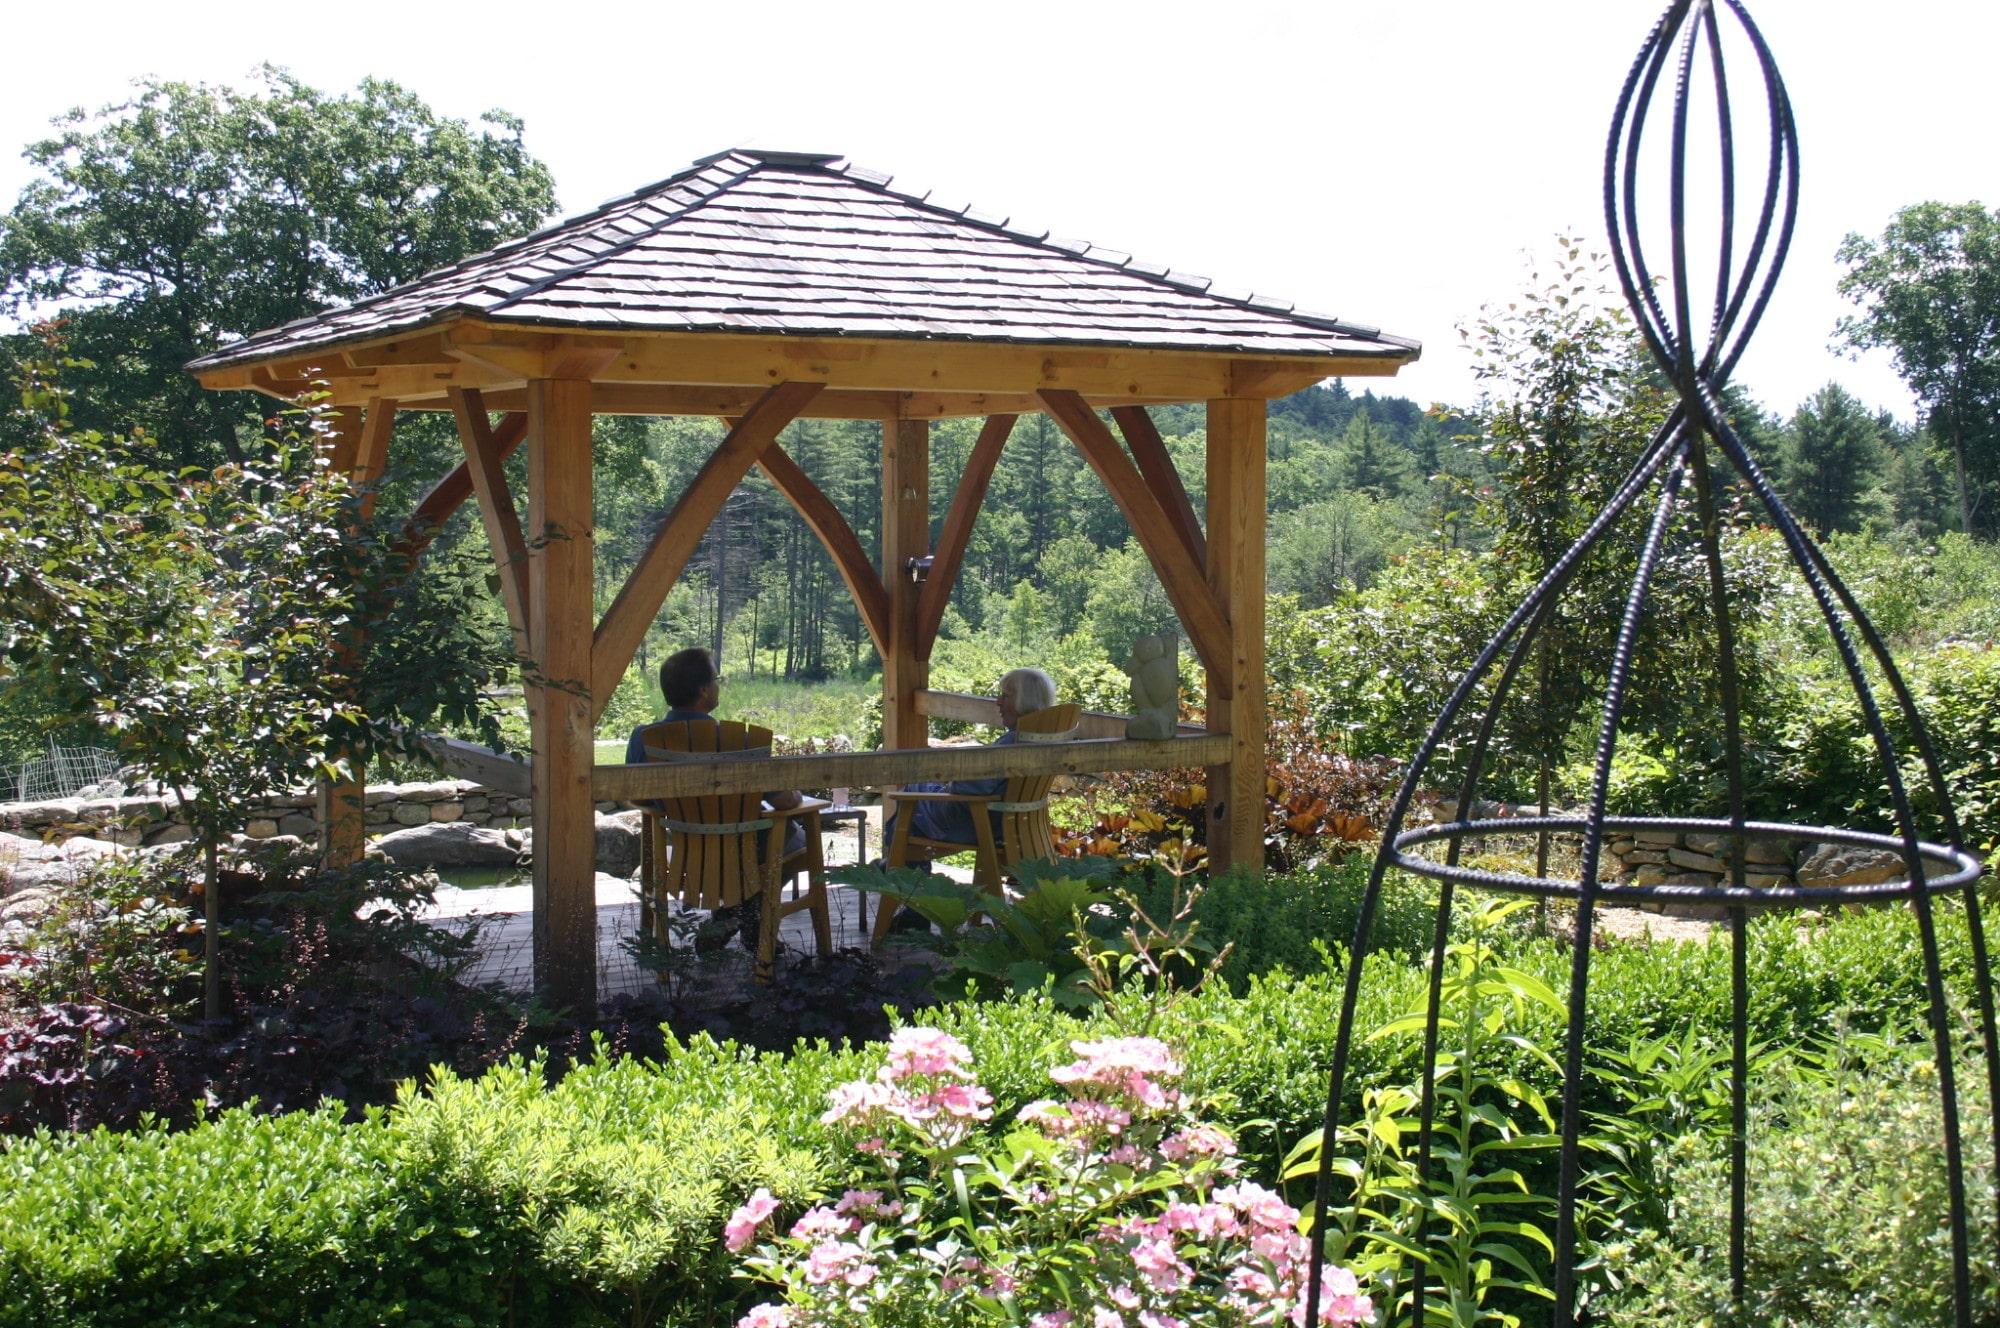 Japanese Influenced Garden Gazebo In Massachusetts